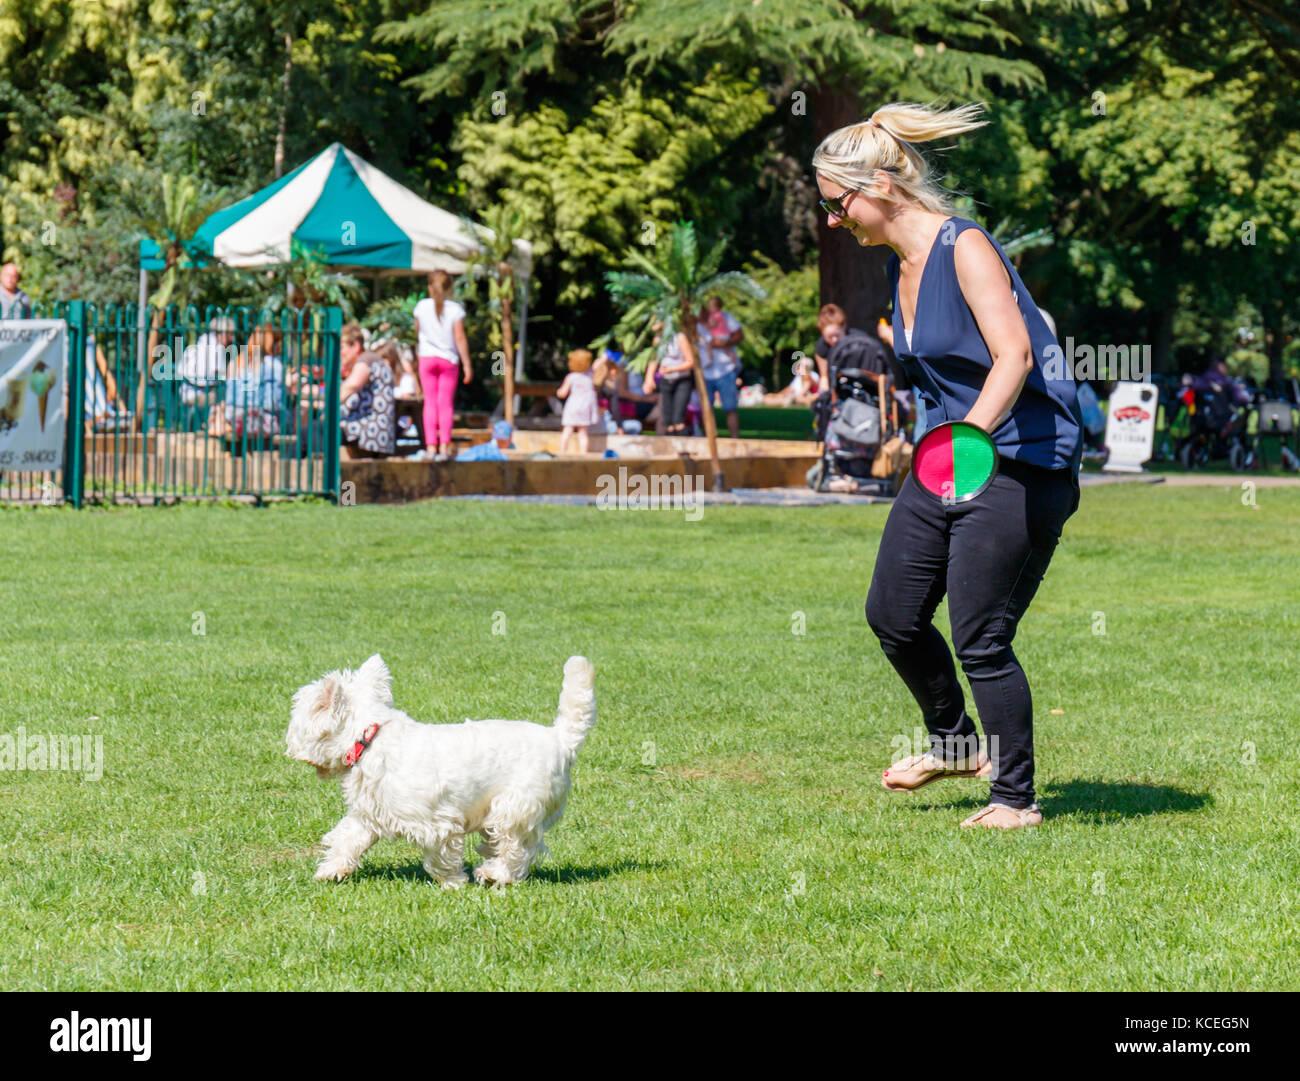 Dog Walking In Melton Mowbray